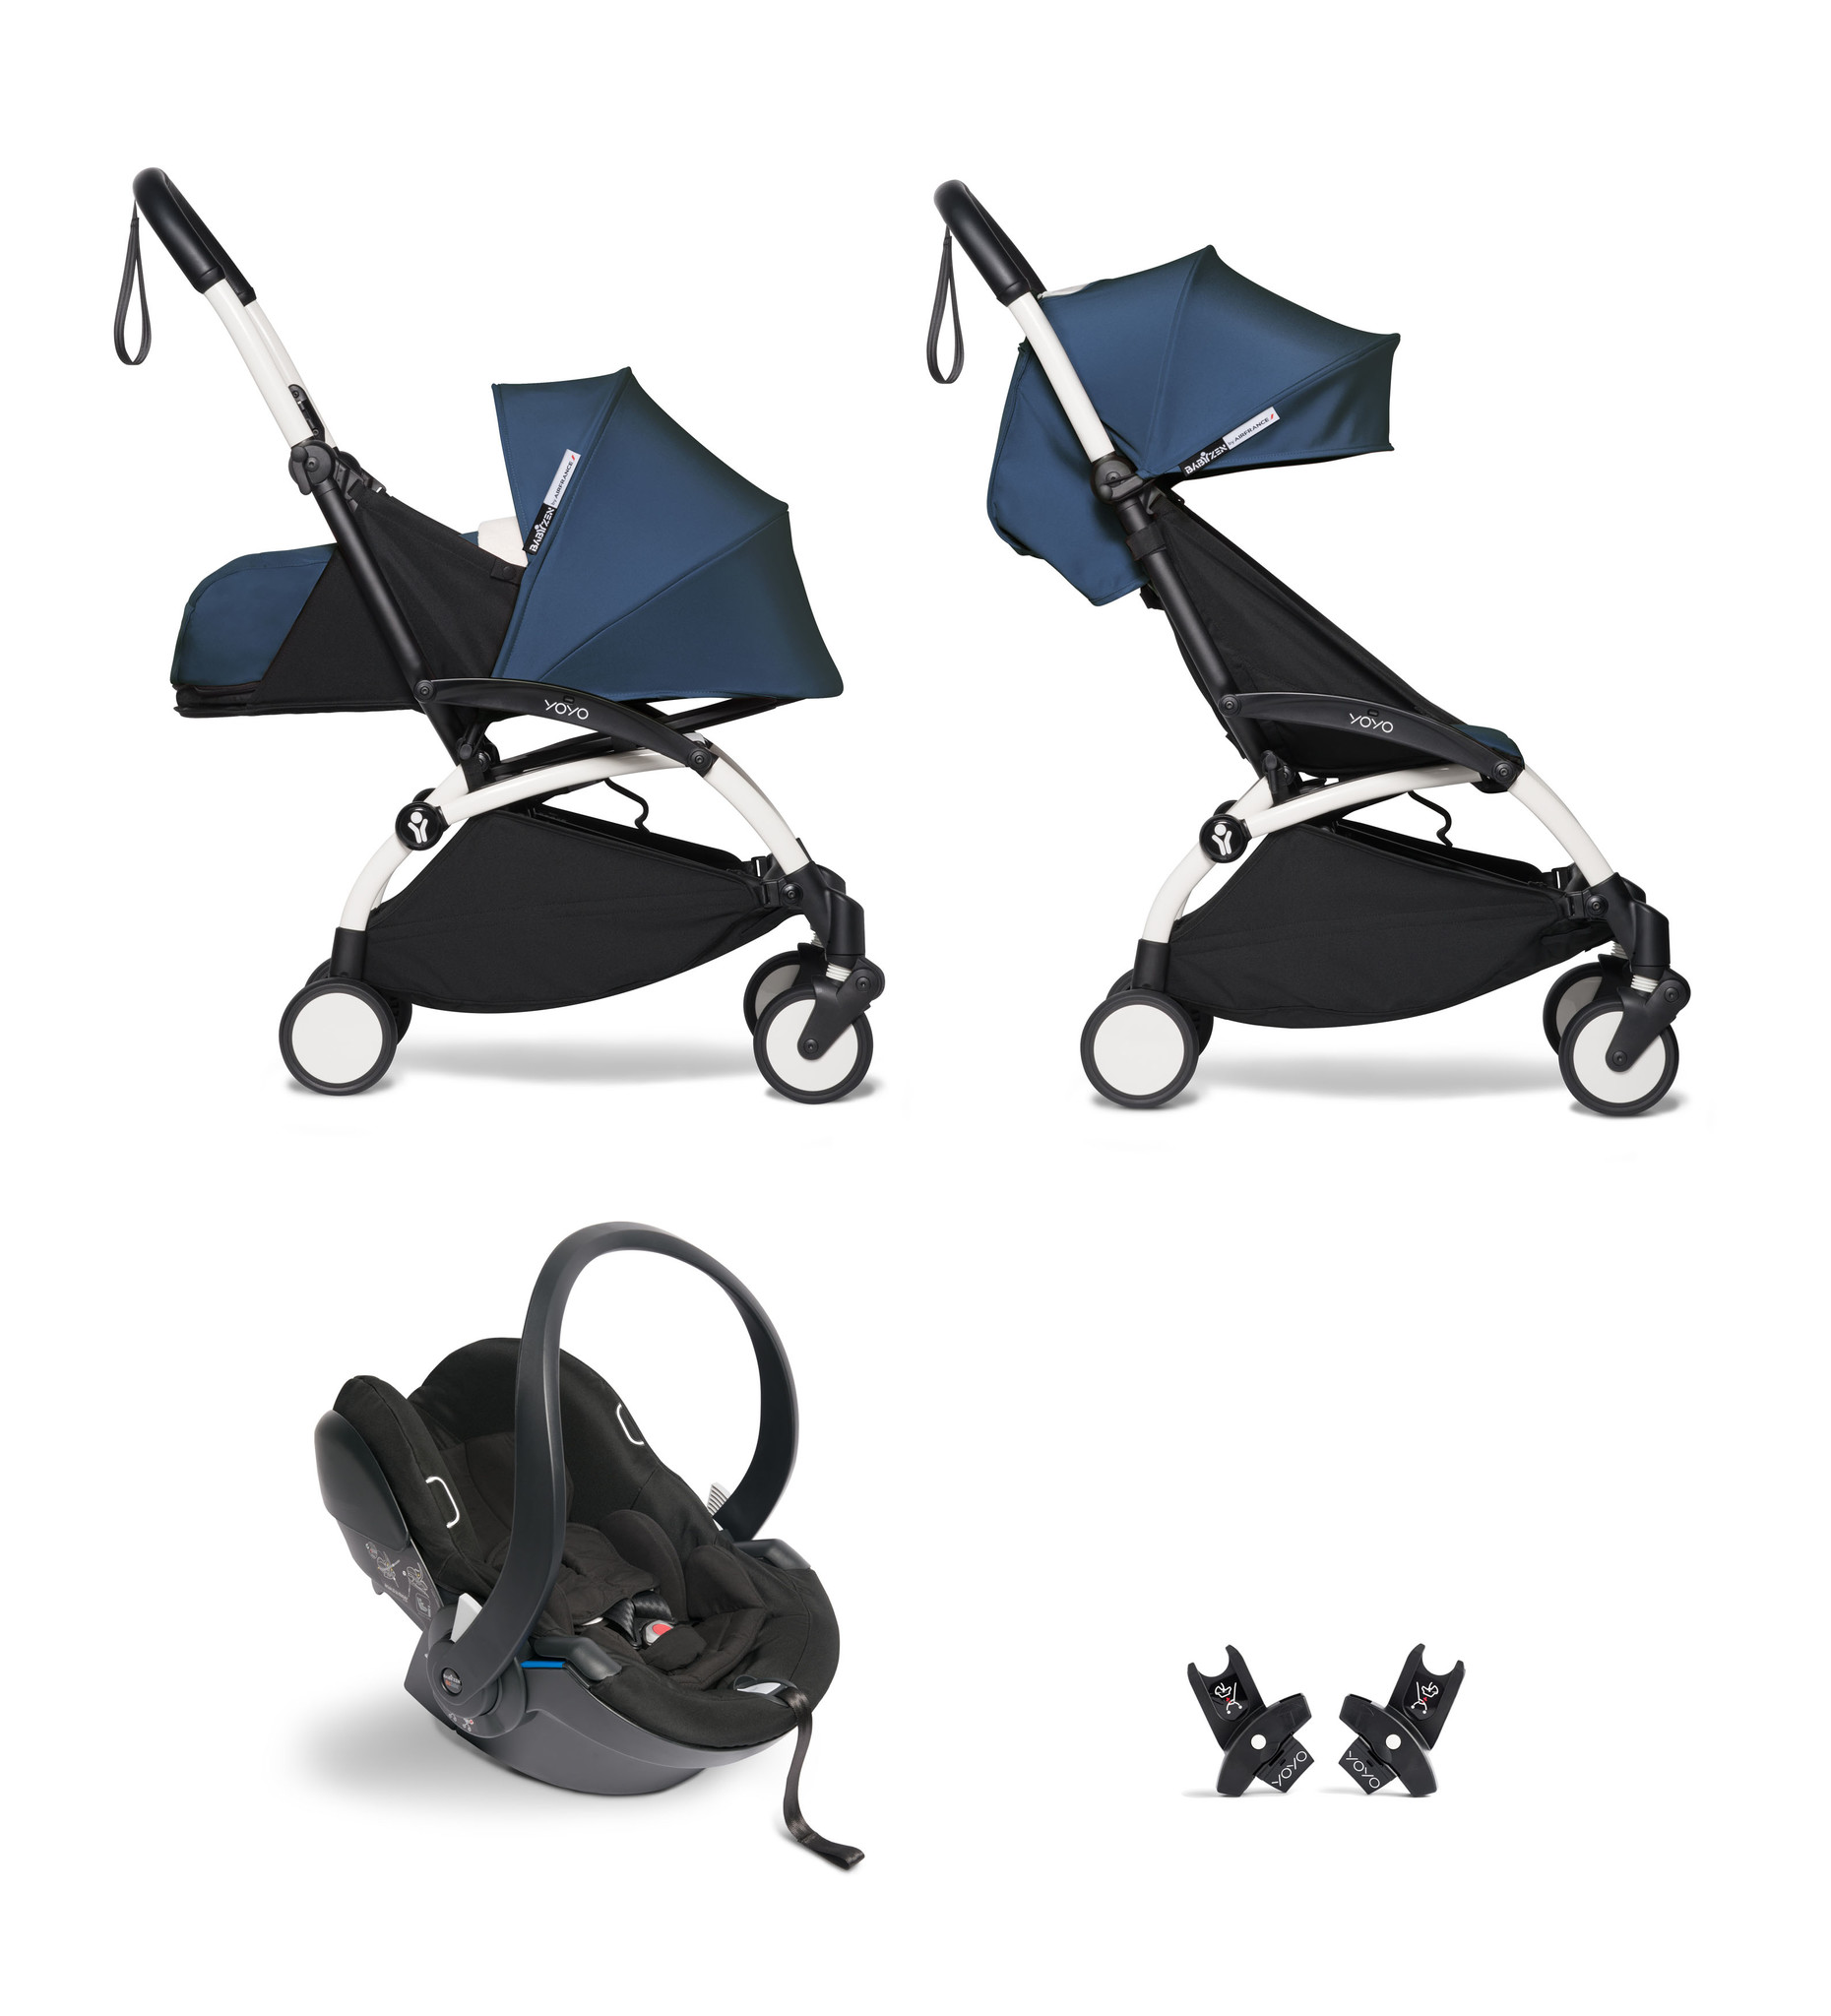 Babyzen Babyzen YOYO² Buggy KOMPLETT / VOLL SET 0+ und 6+ Navy AirFrance Rahmen weiß inkl. YOYO² BeSafe Autositz schwarz